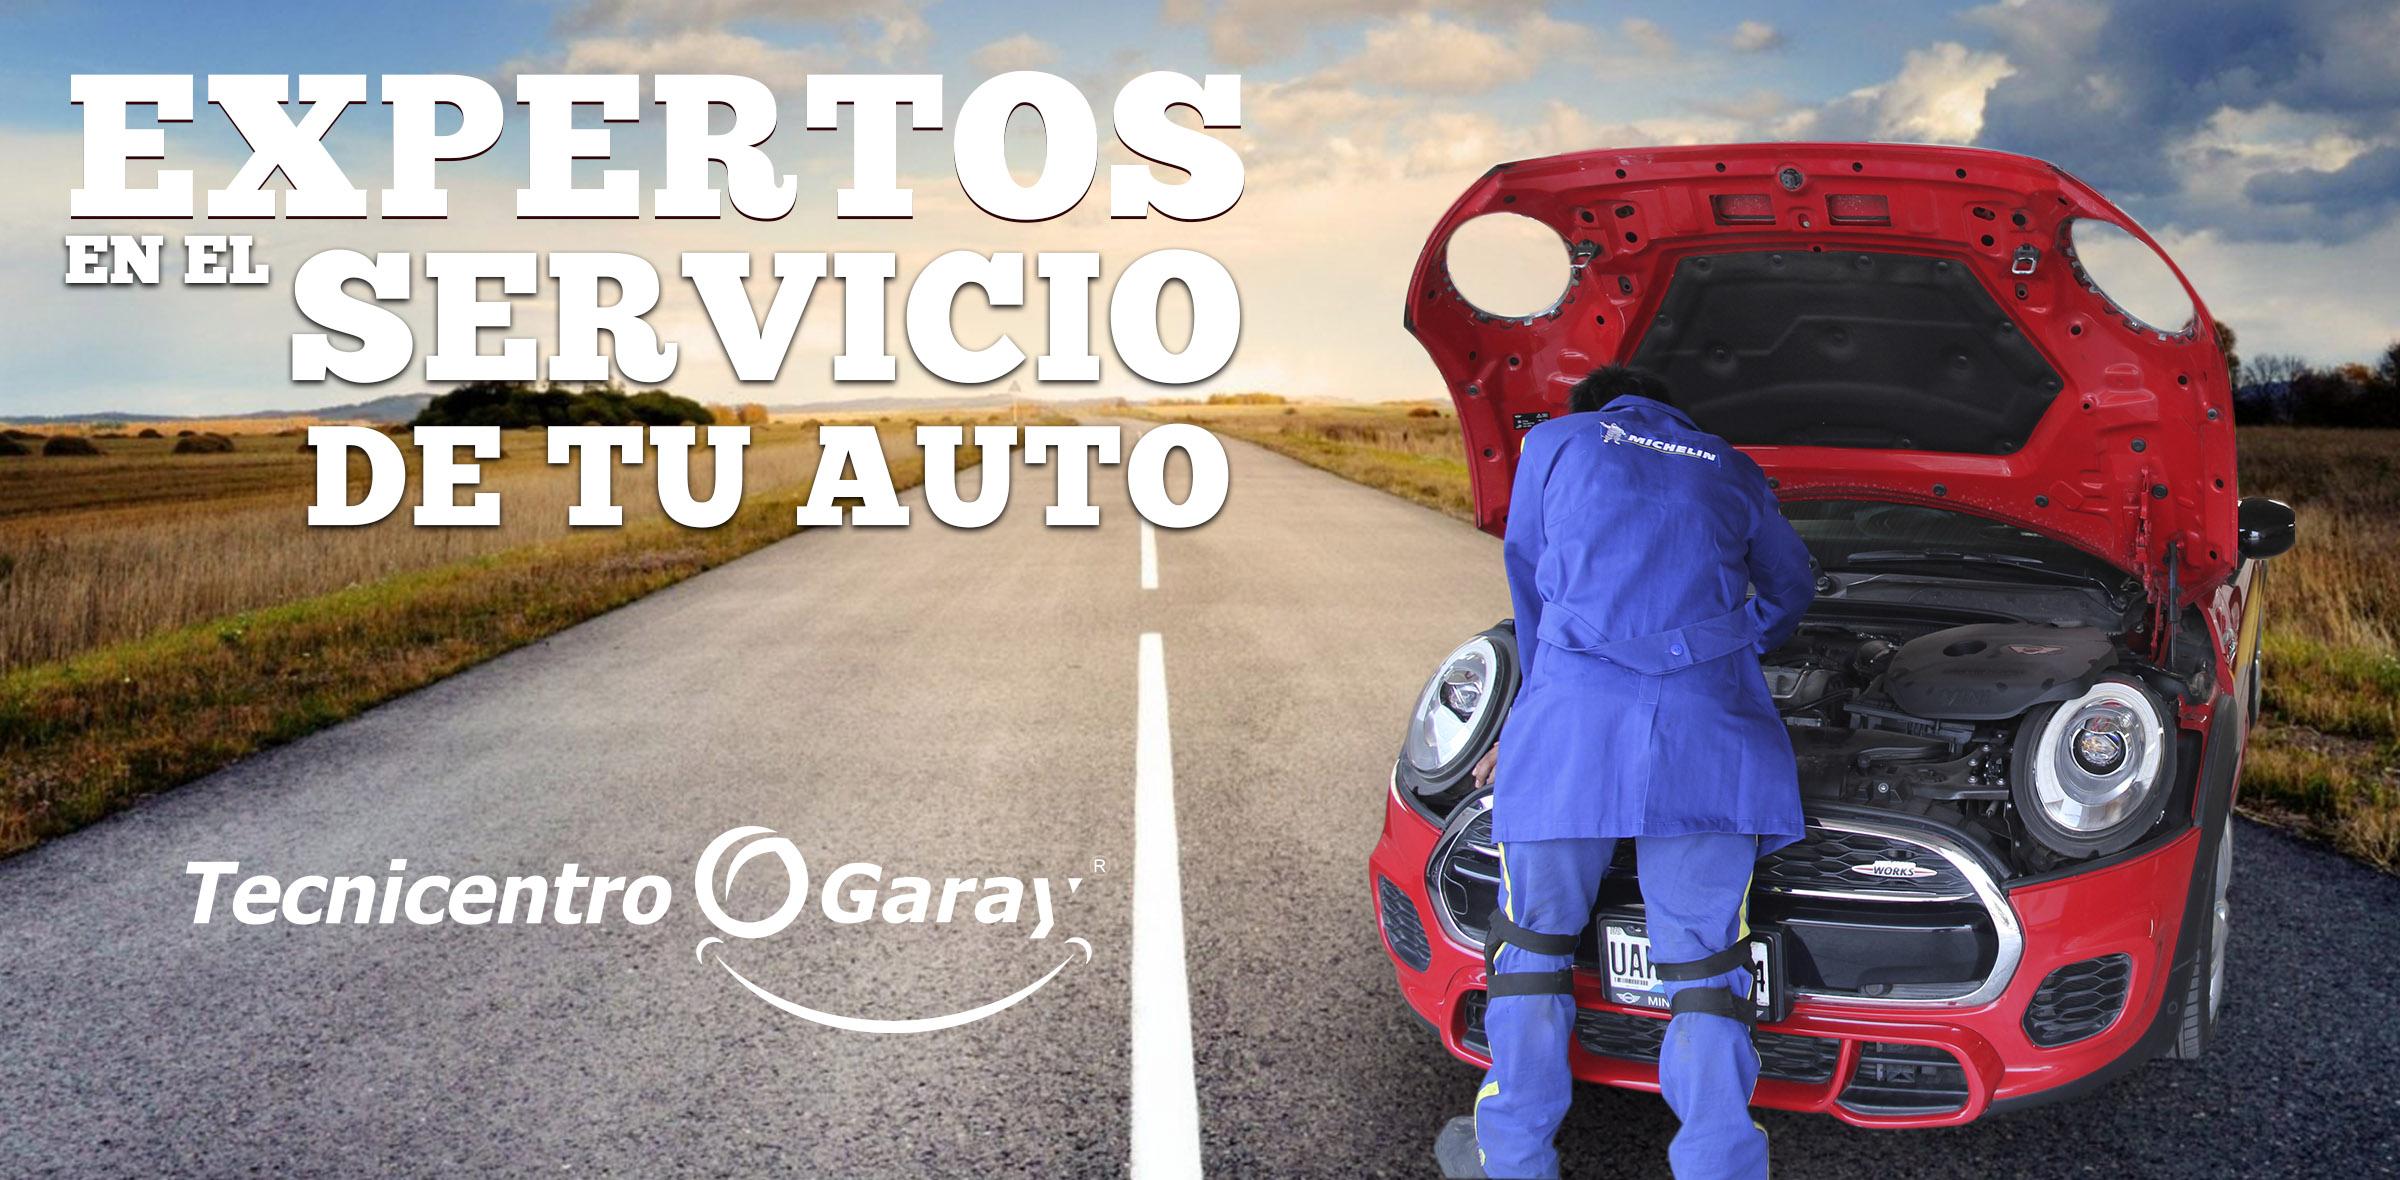 BANNER PRINCIPAL PAGINA WEB GRUPO GARA EXPERTOS EN SERVICIOS